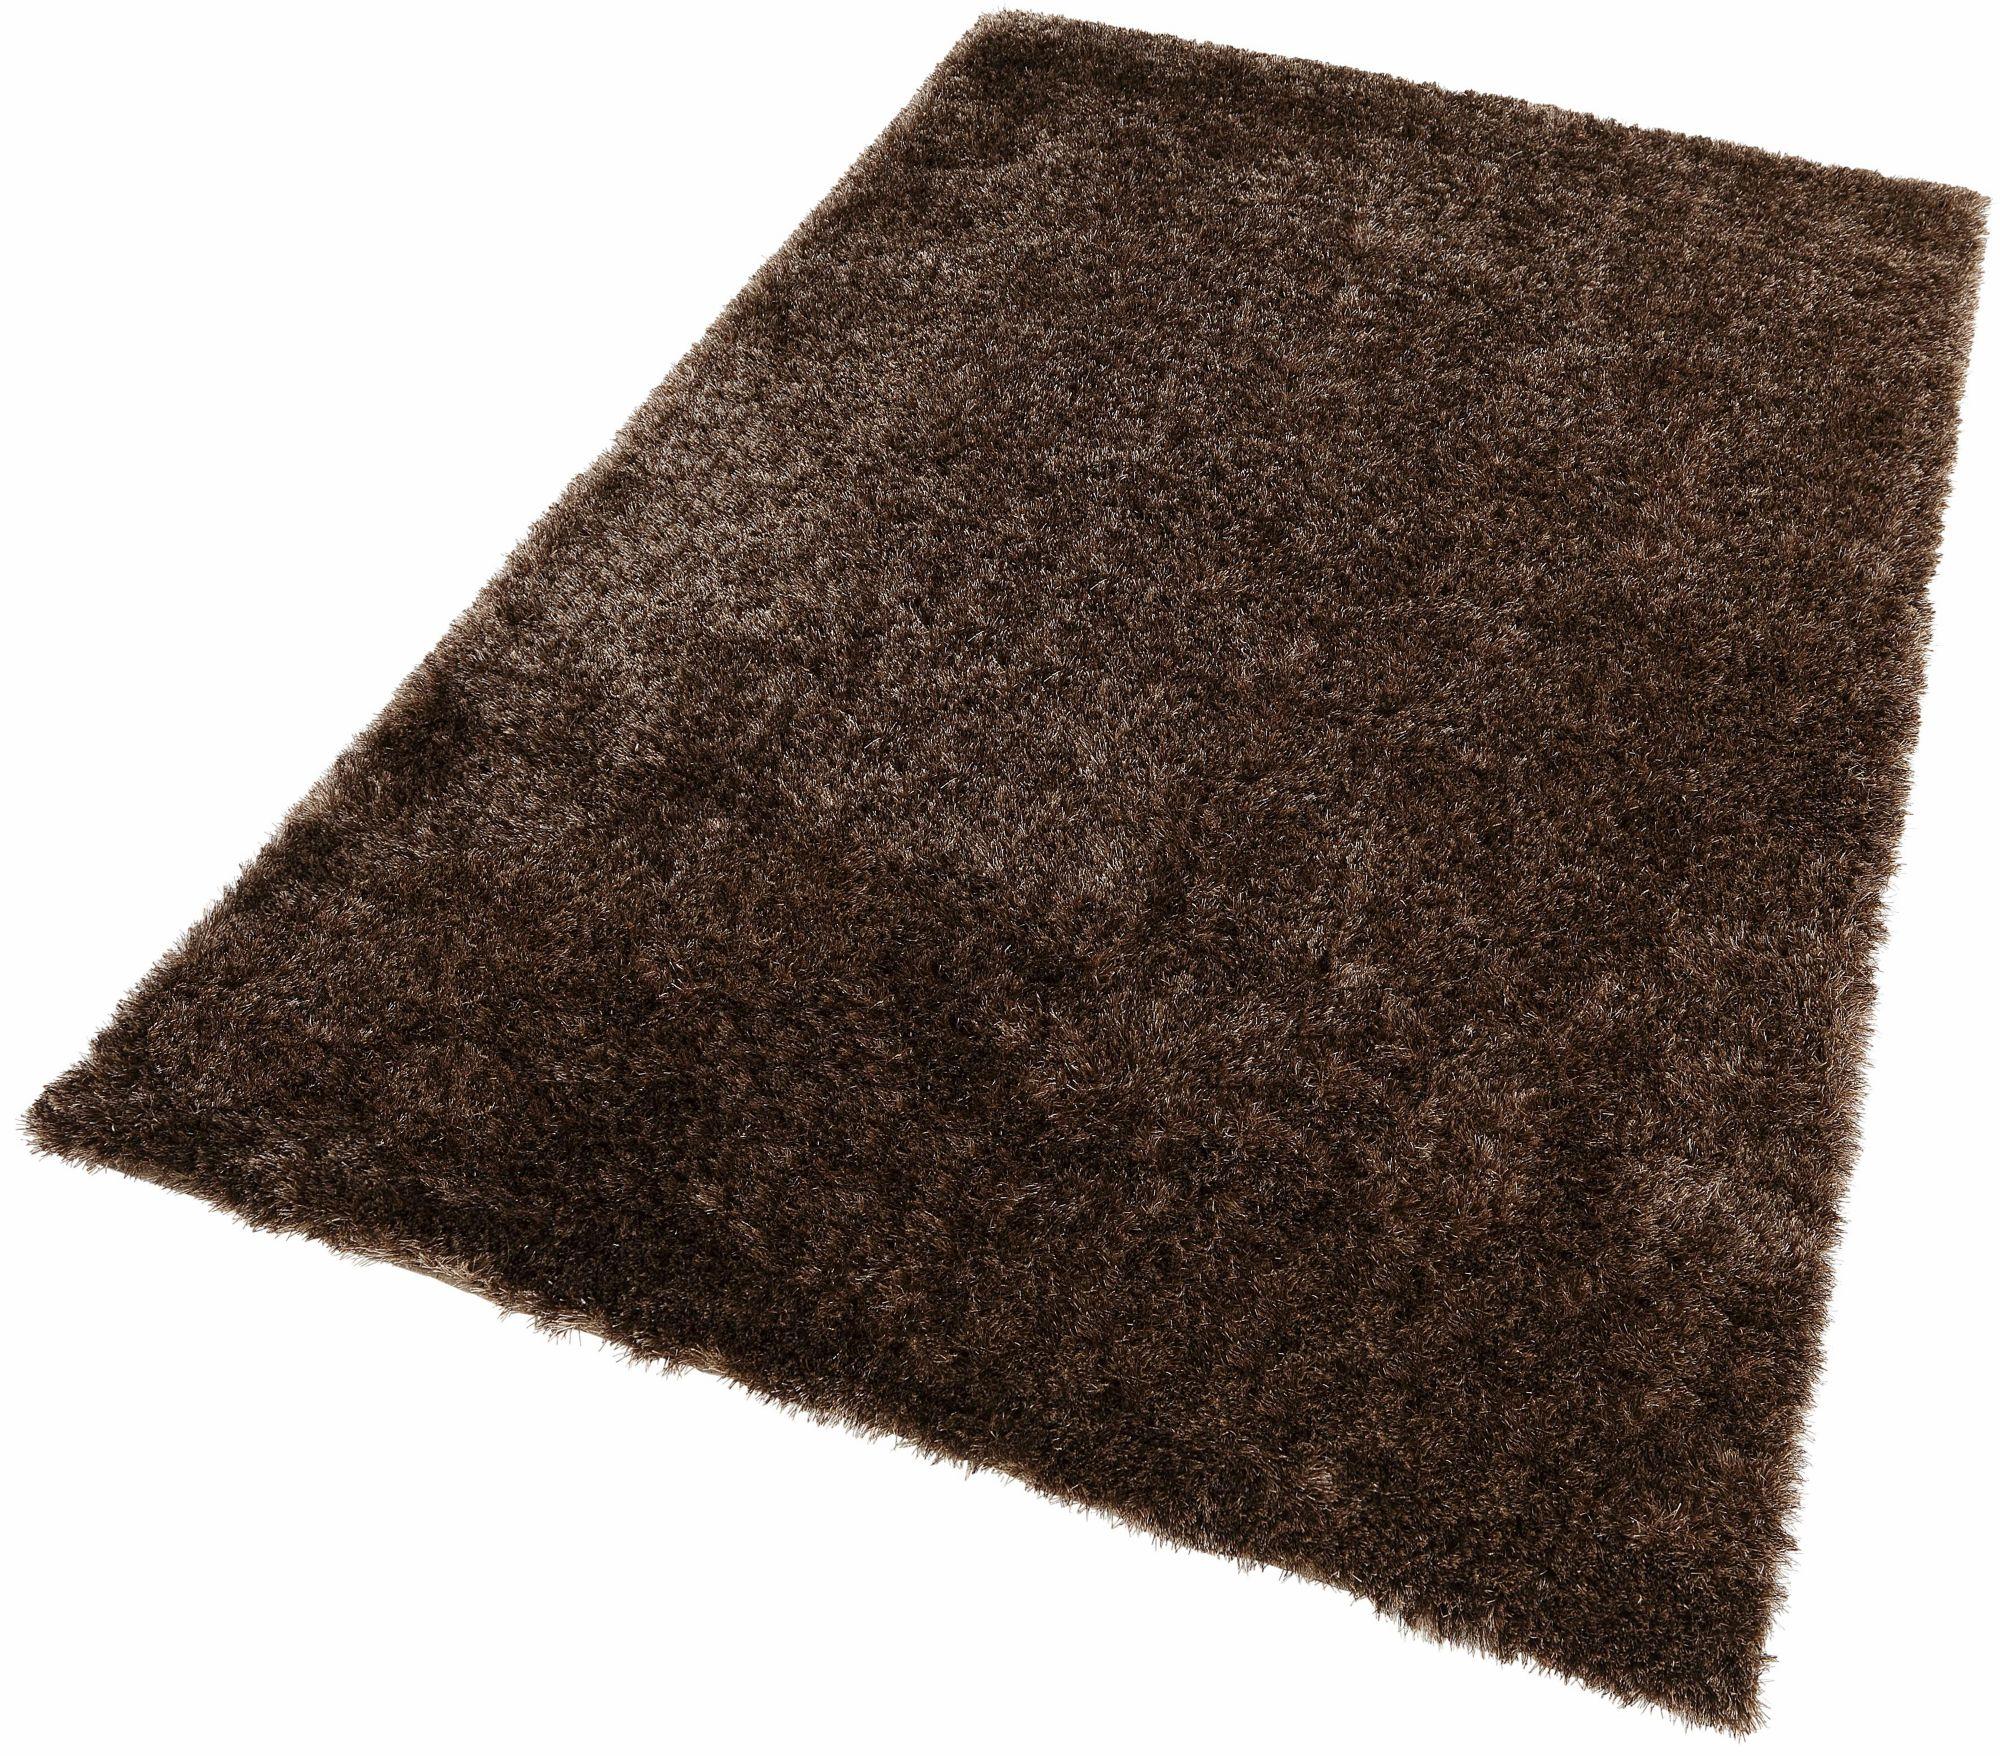 Hochflor-Teppich, Kayoom, »Diamond 700«, Höhe 45mm, handgetuftet